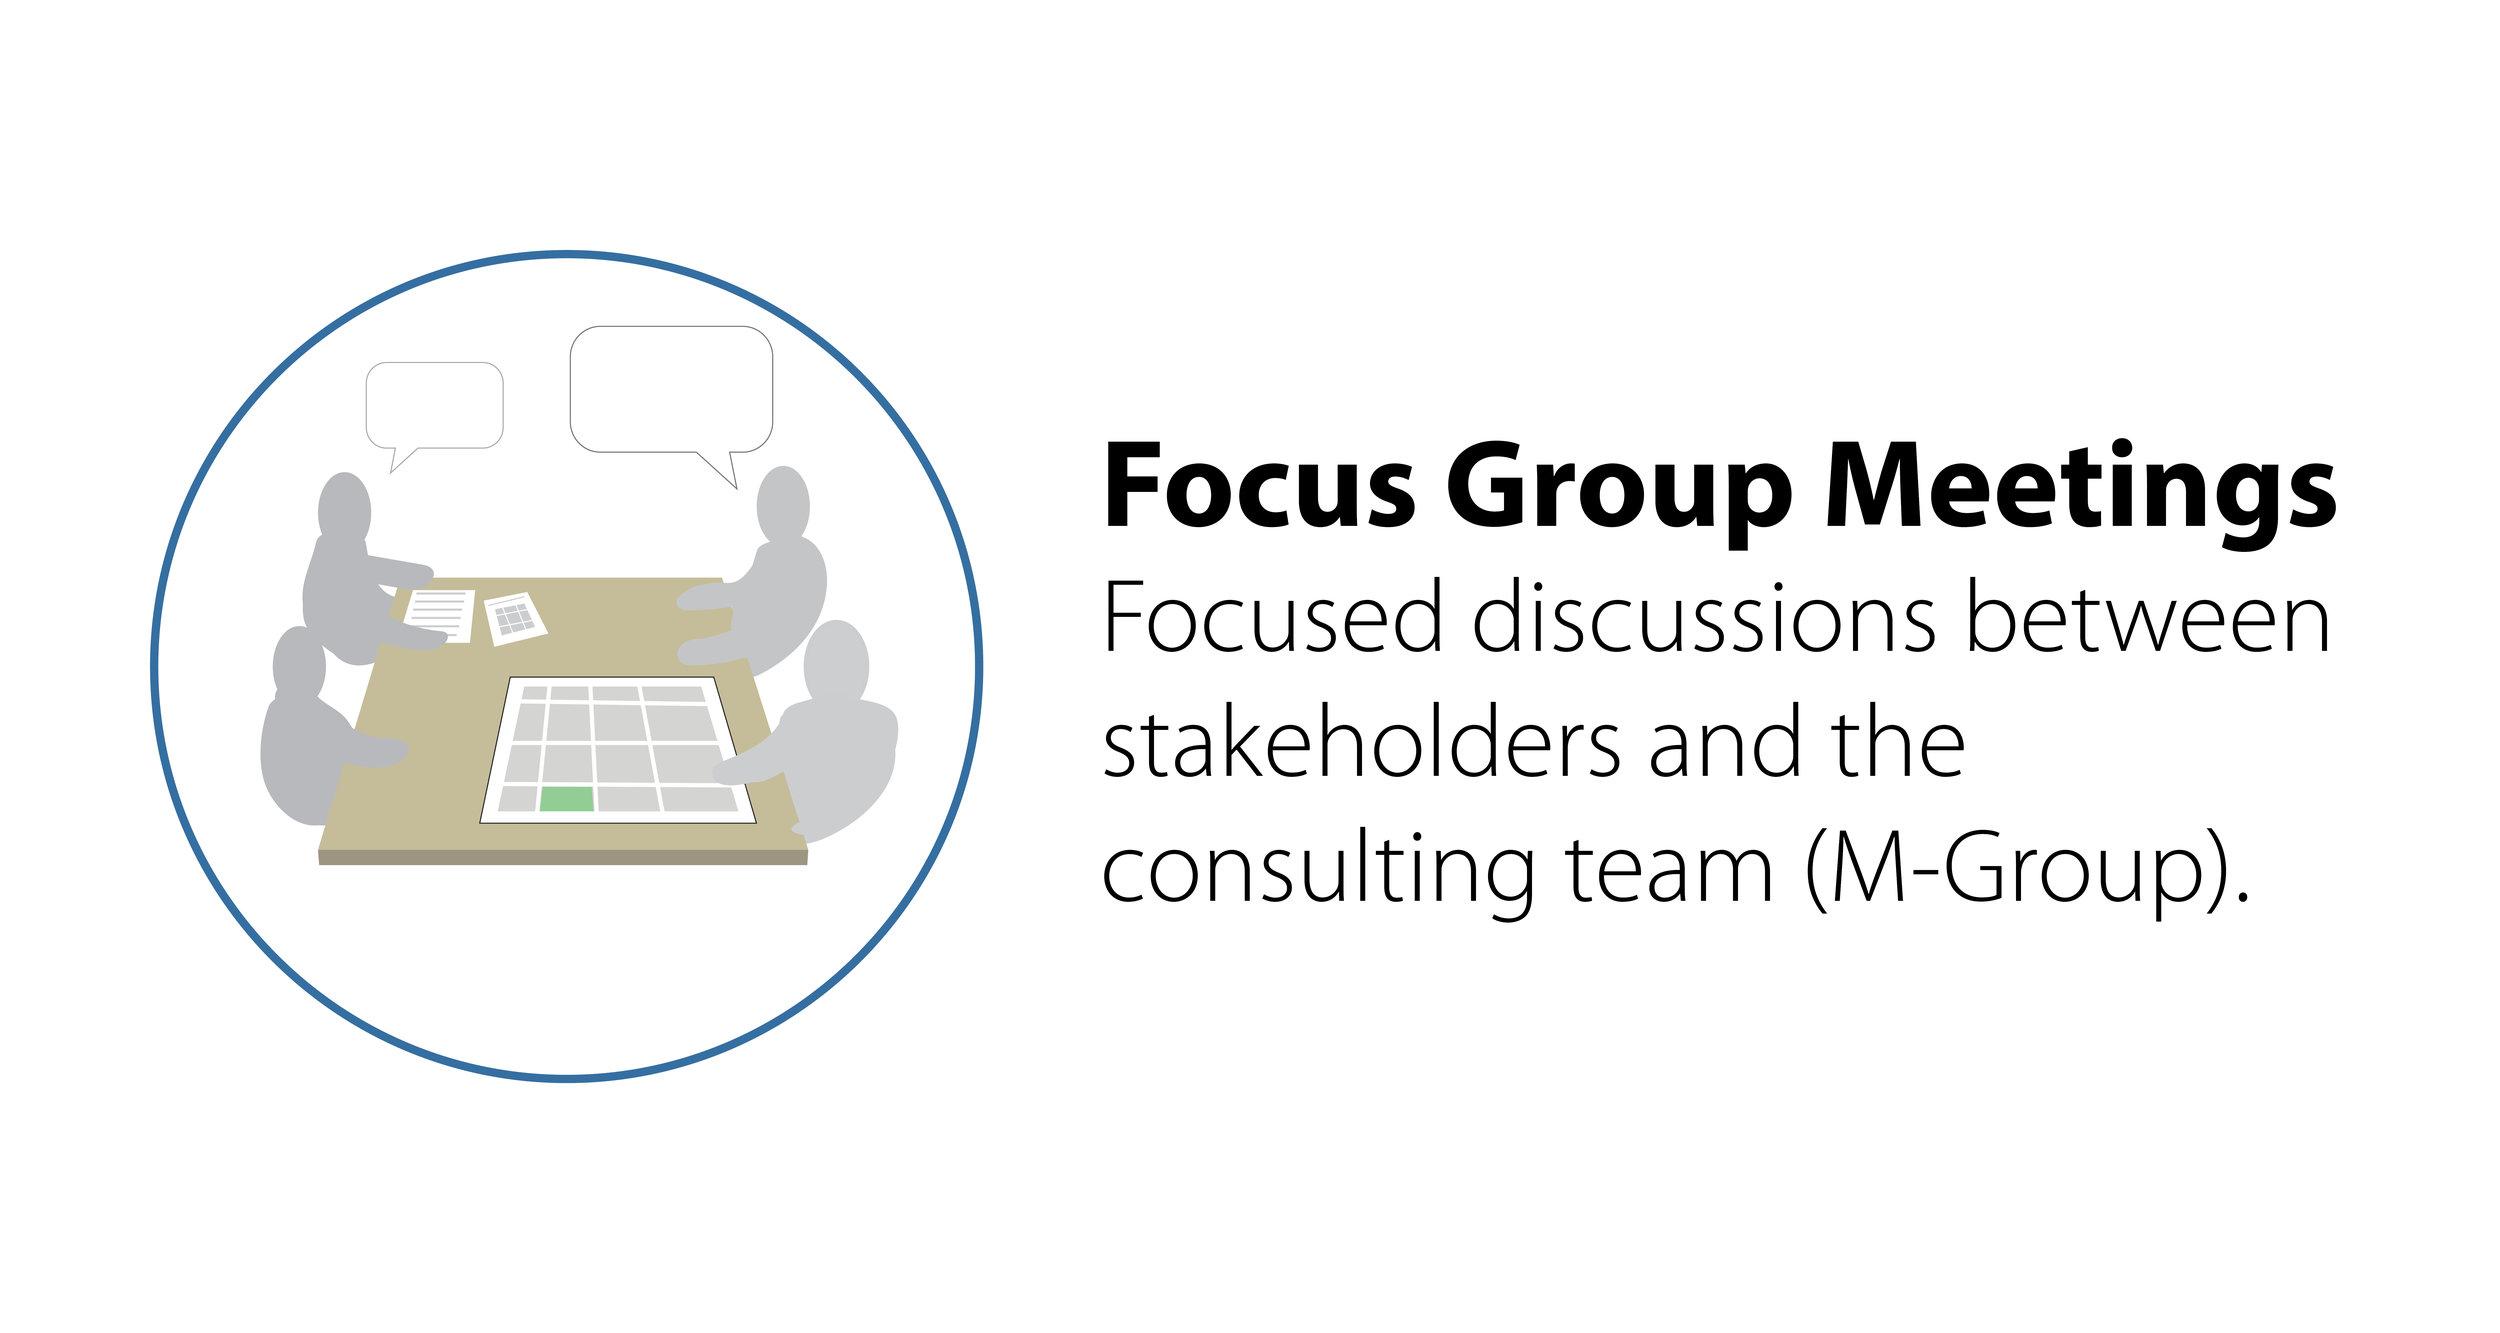 Focus Group Meetings.jpg